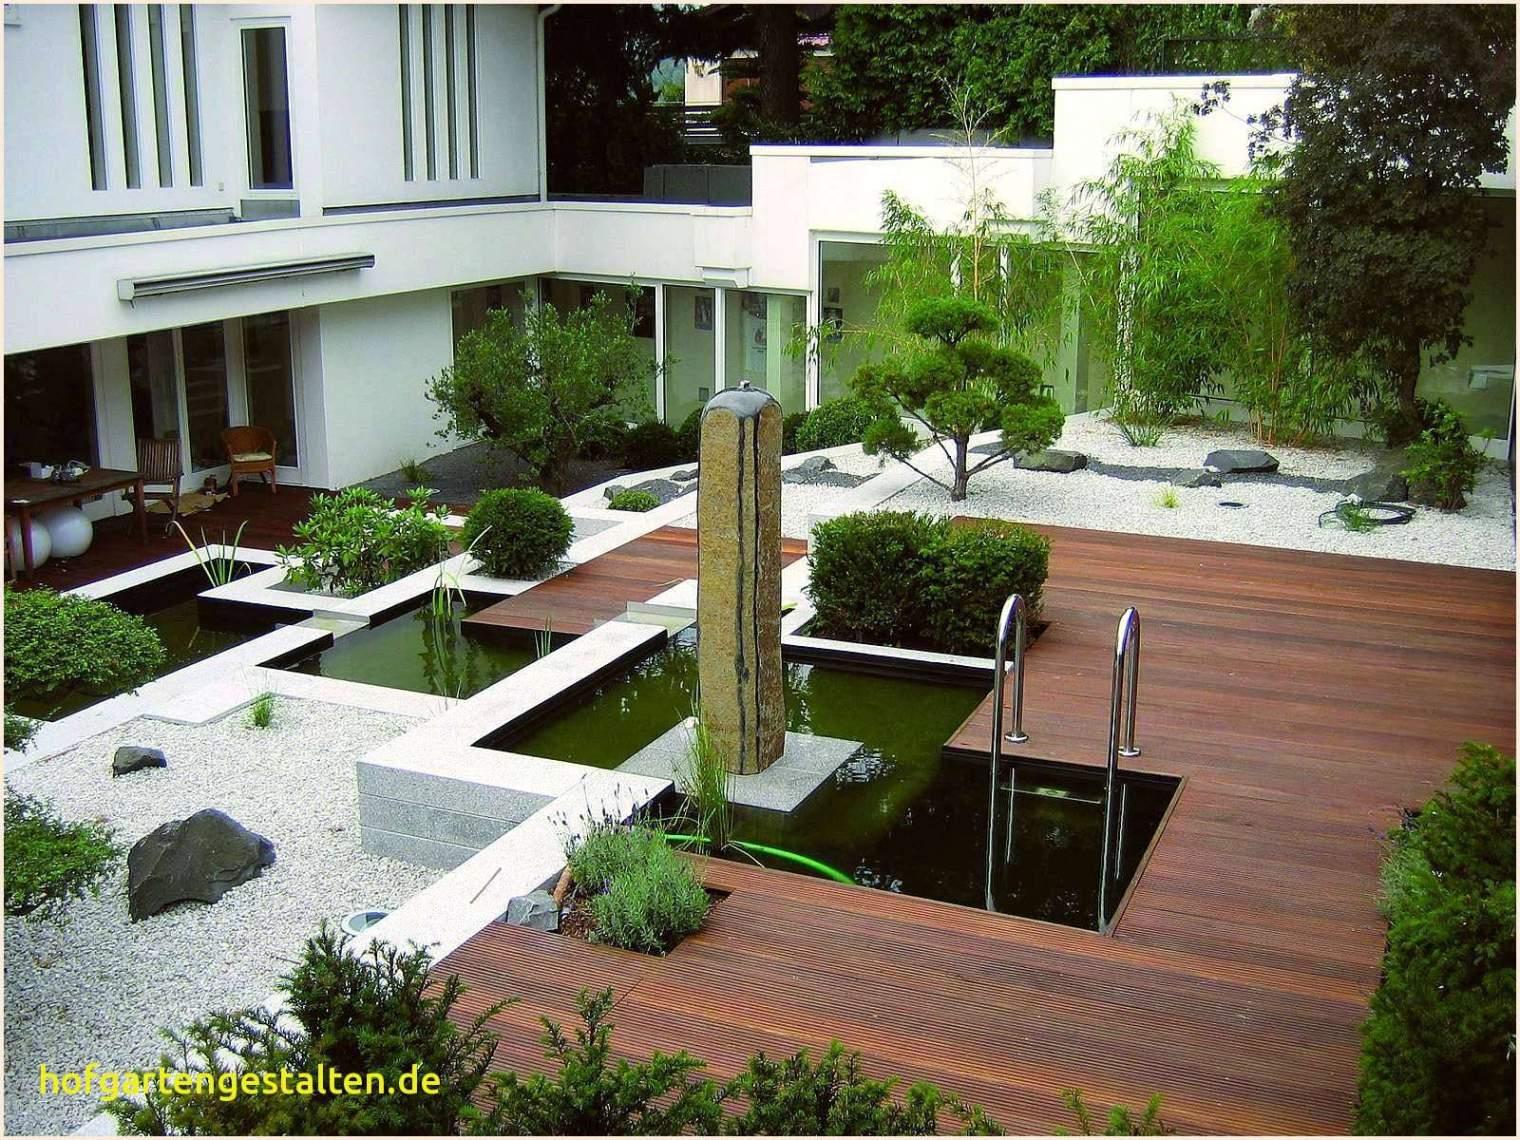 Gärten Der Welt Preise Das Beste Von Gartengestaltung Kleine Gärten — Temobardz Home Blog